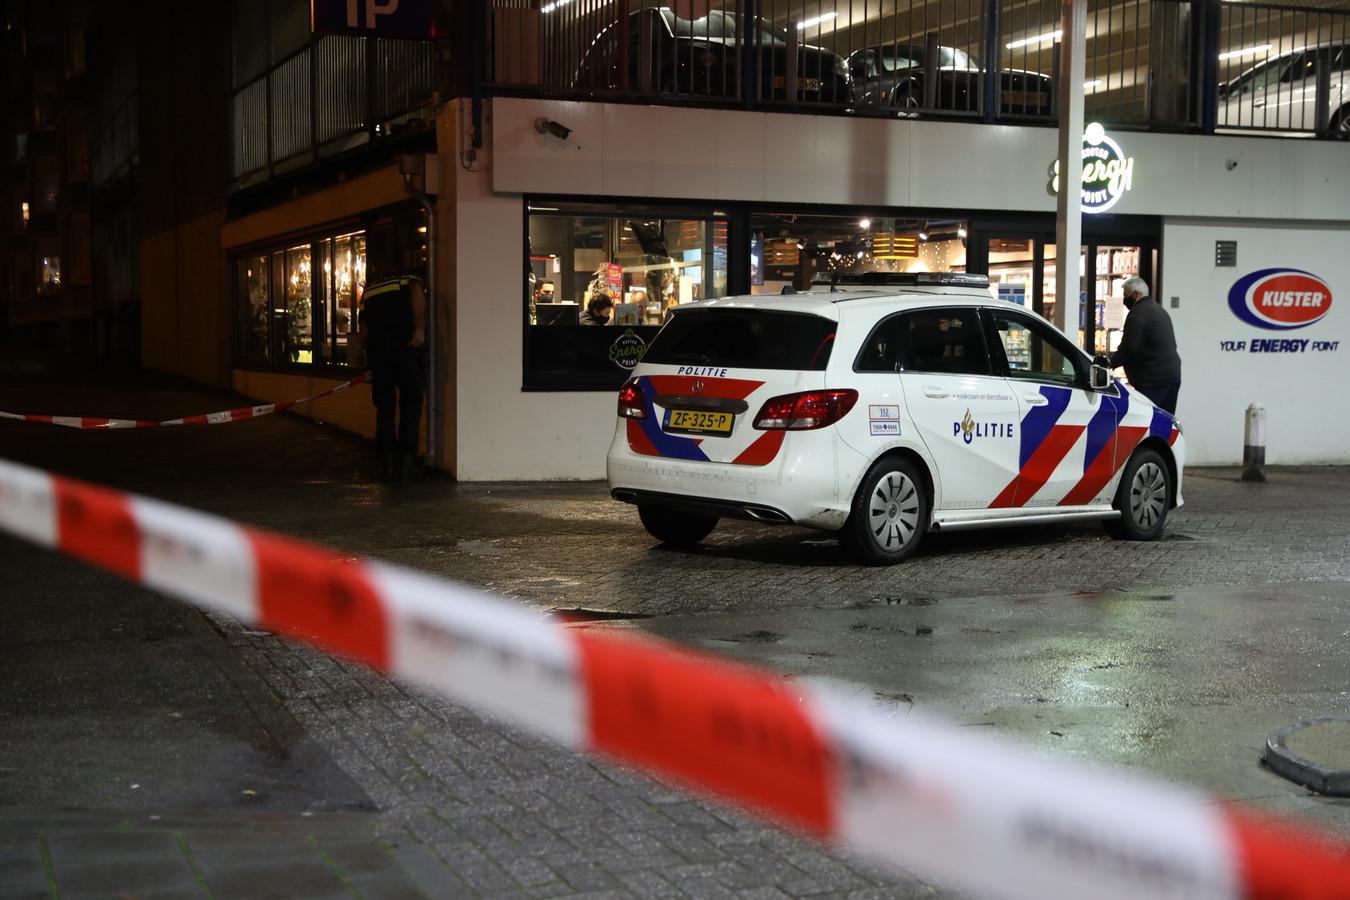 Politie bij de overval aan de Van Muijlwijkstraat in Arnhem.